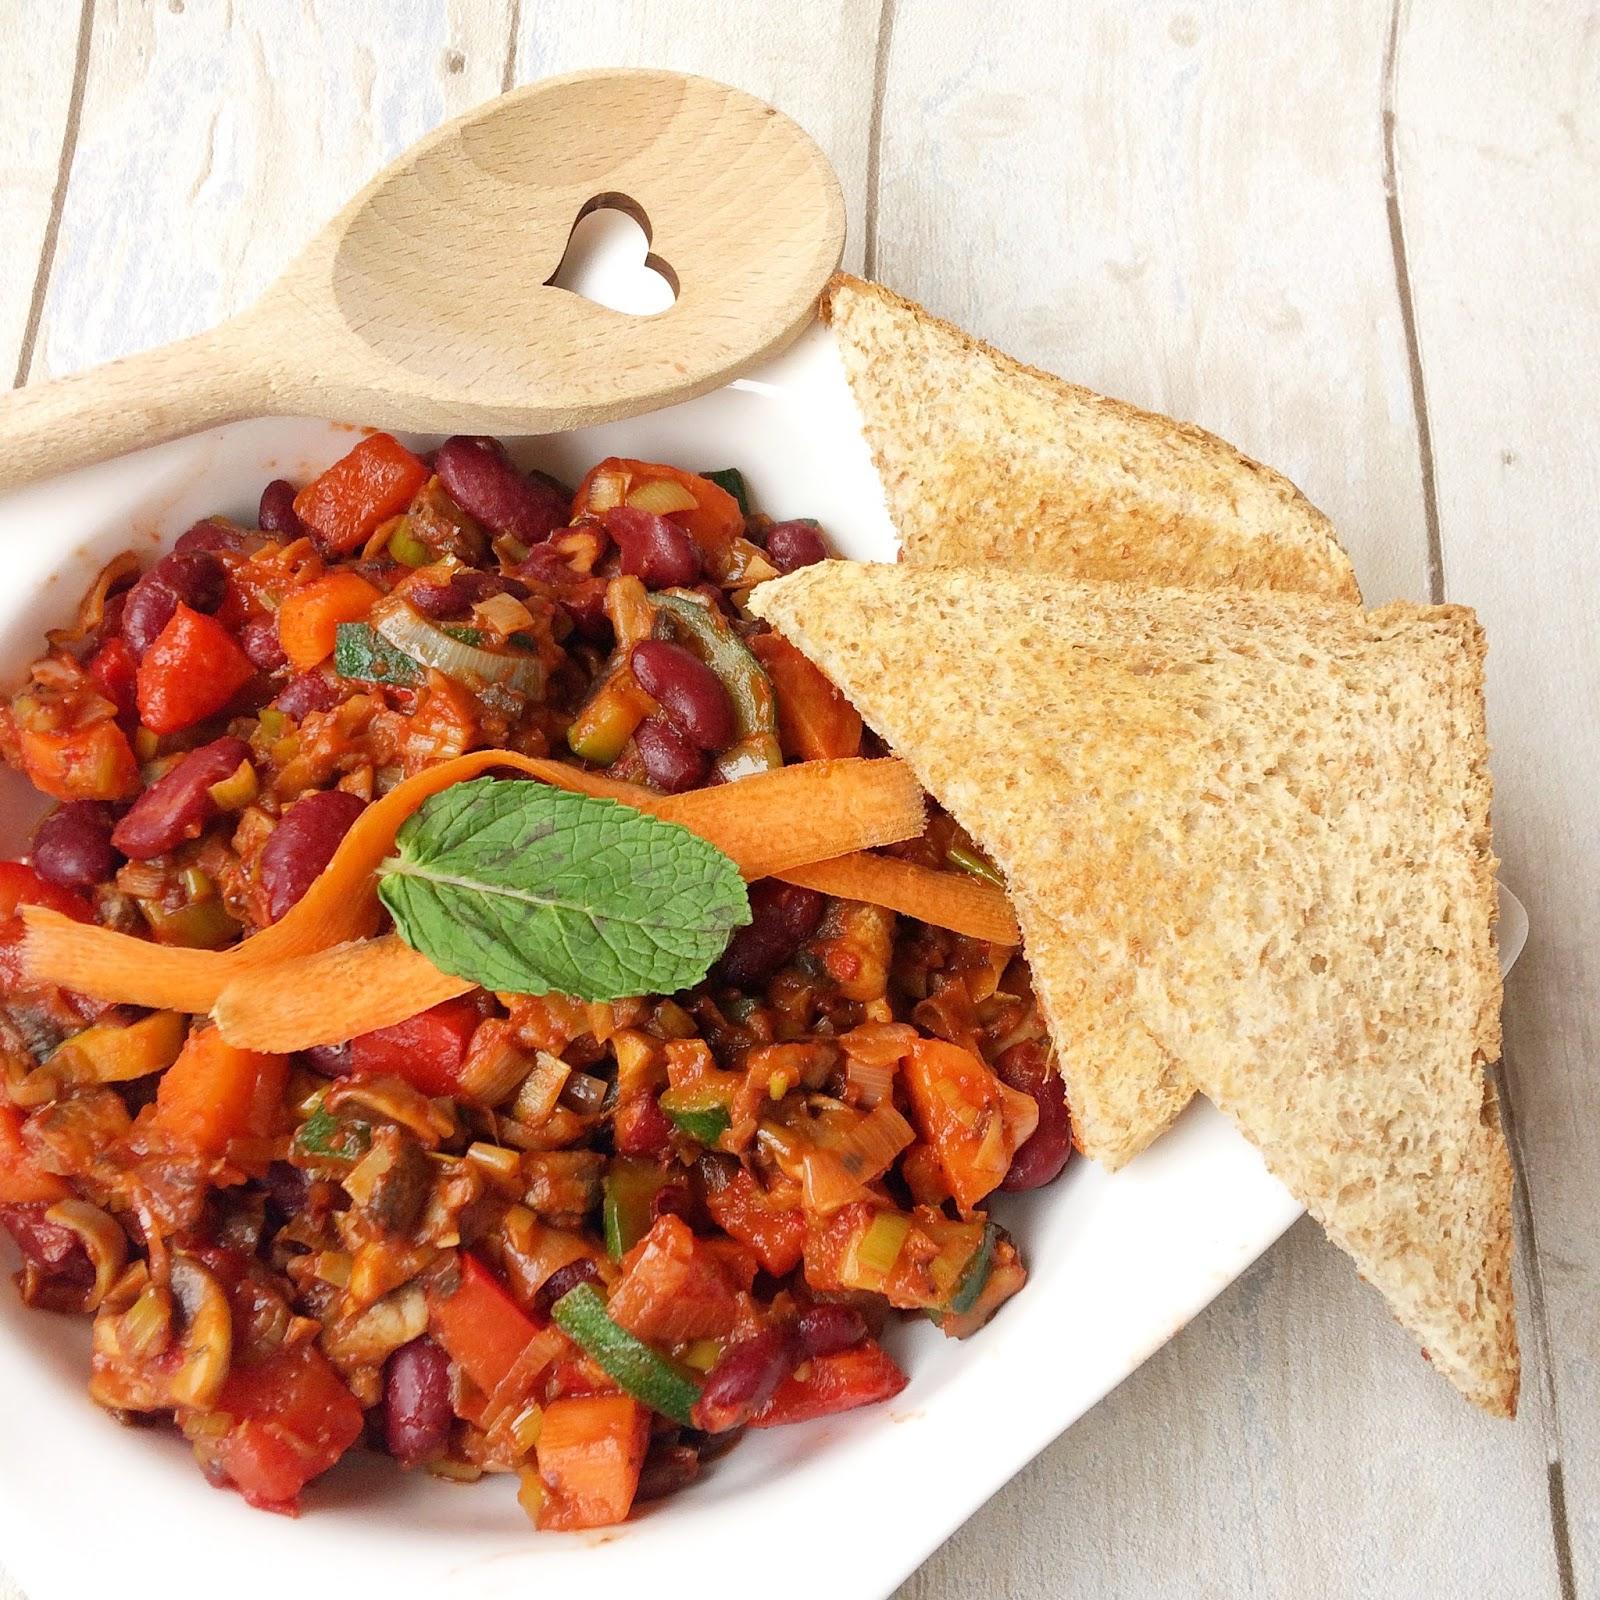 Schnelle vegane küche  Schnelle vegane Küche | Scharfe Bohnen-Gemüse-Pfanne - Veganaholic